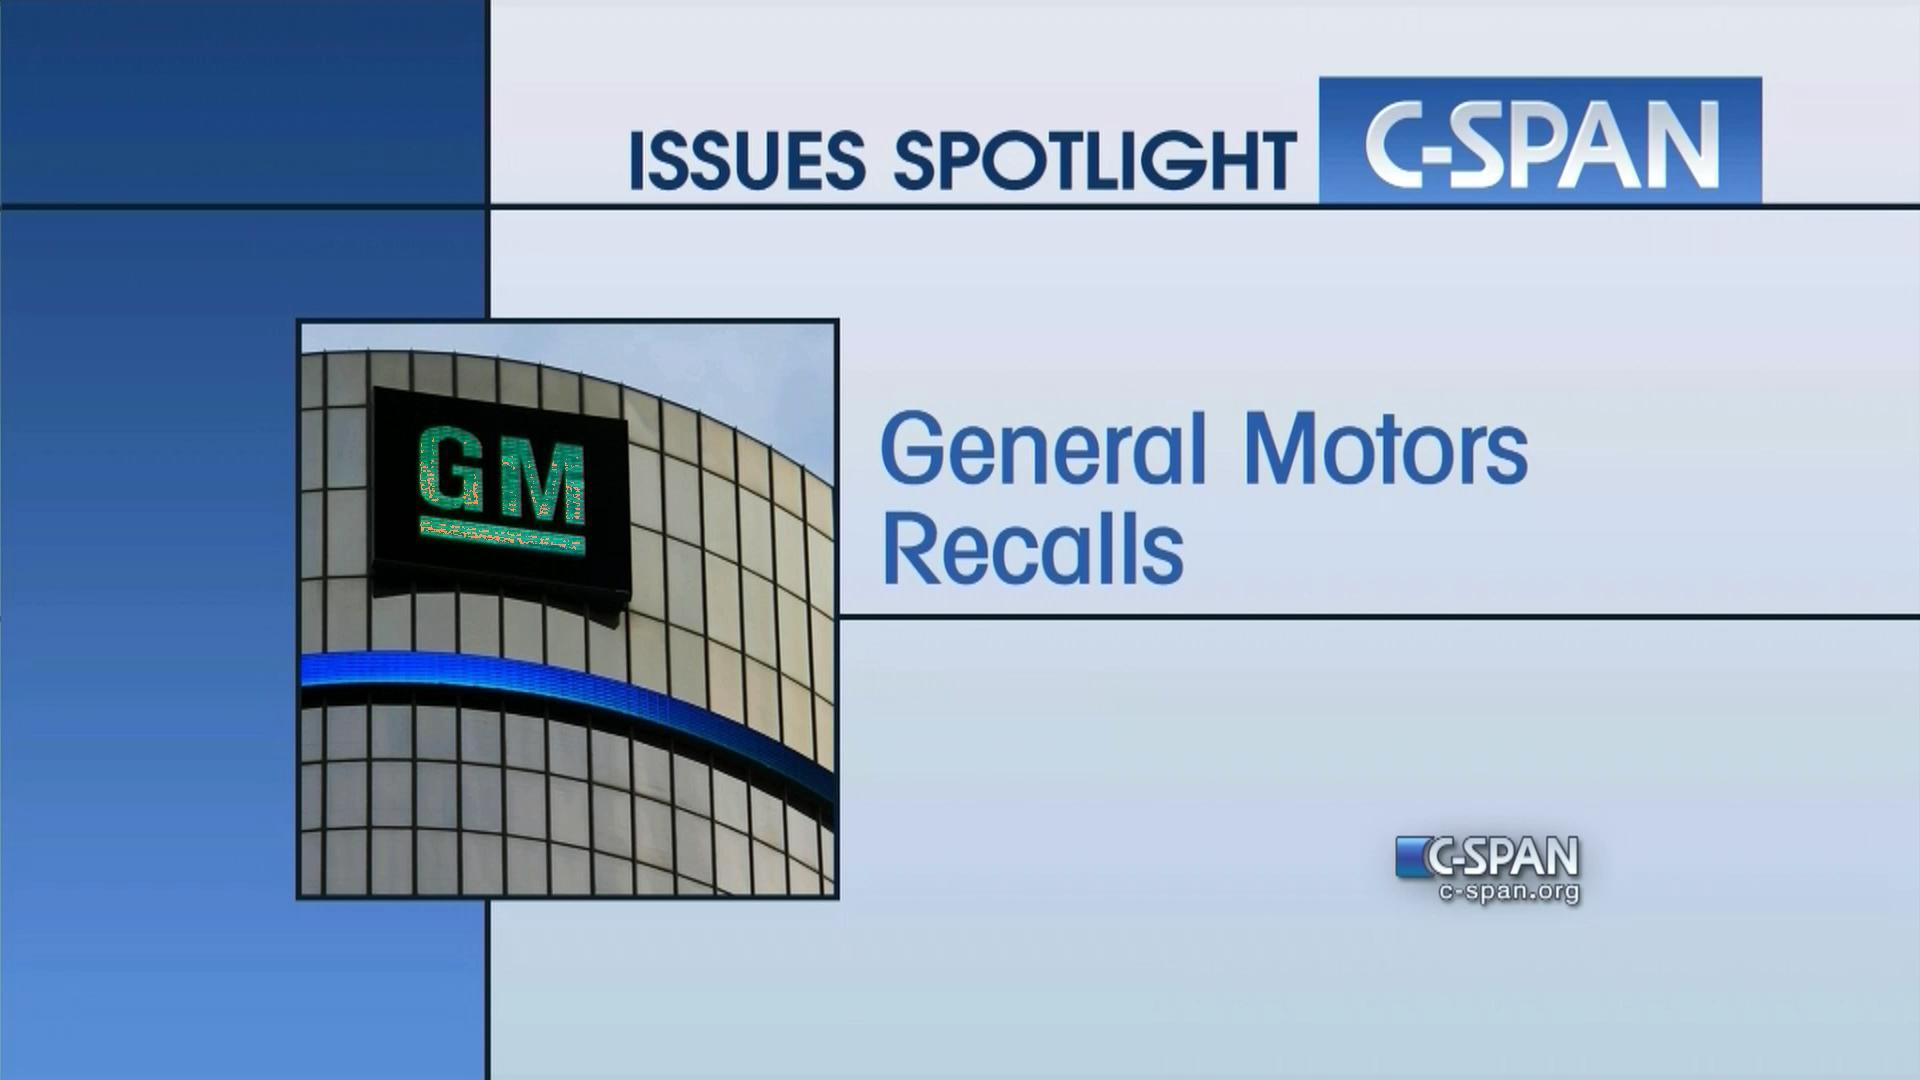 General Motors Recall Spotlight